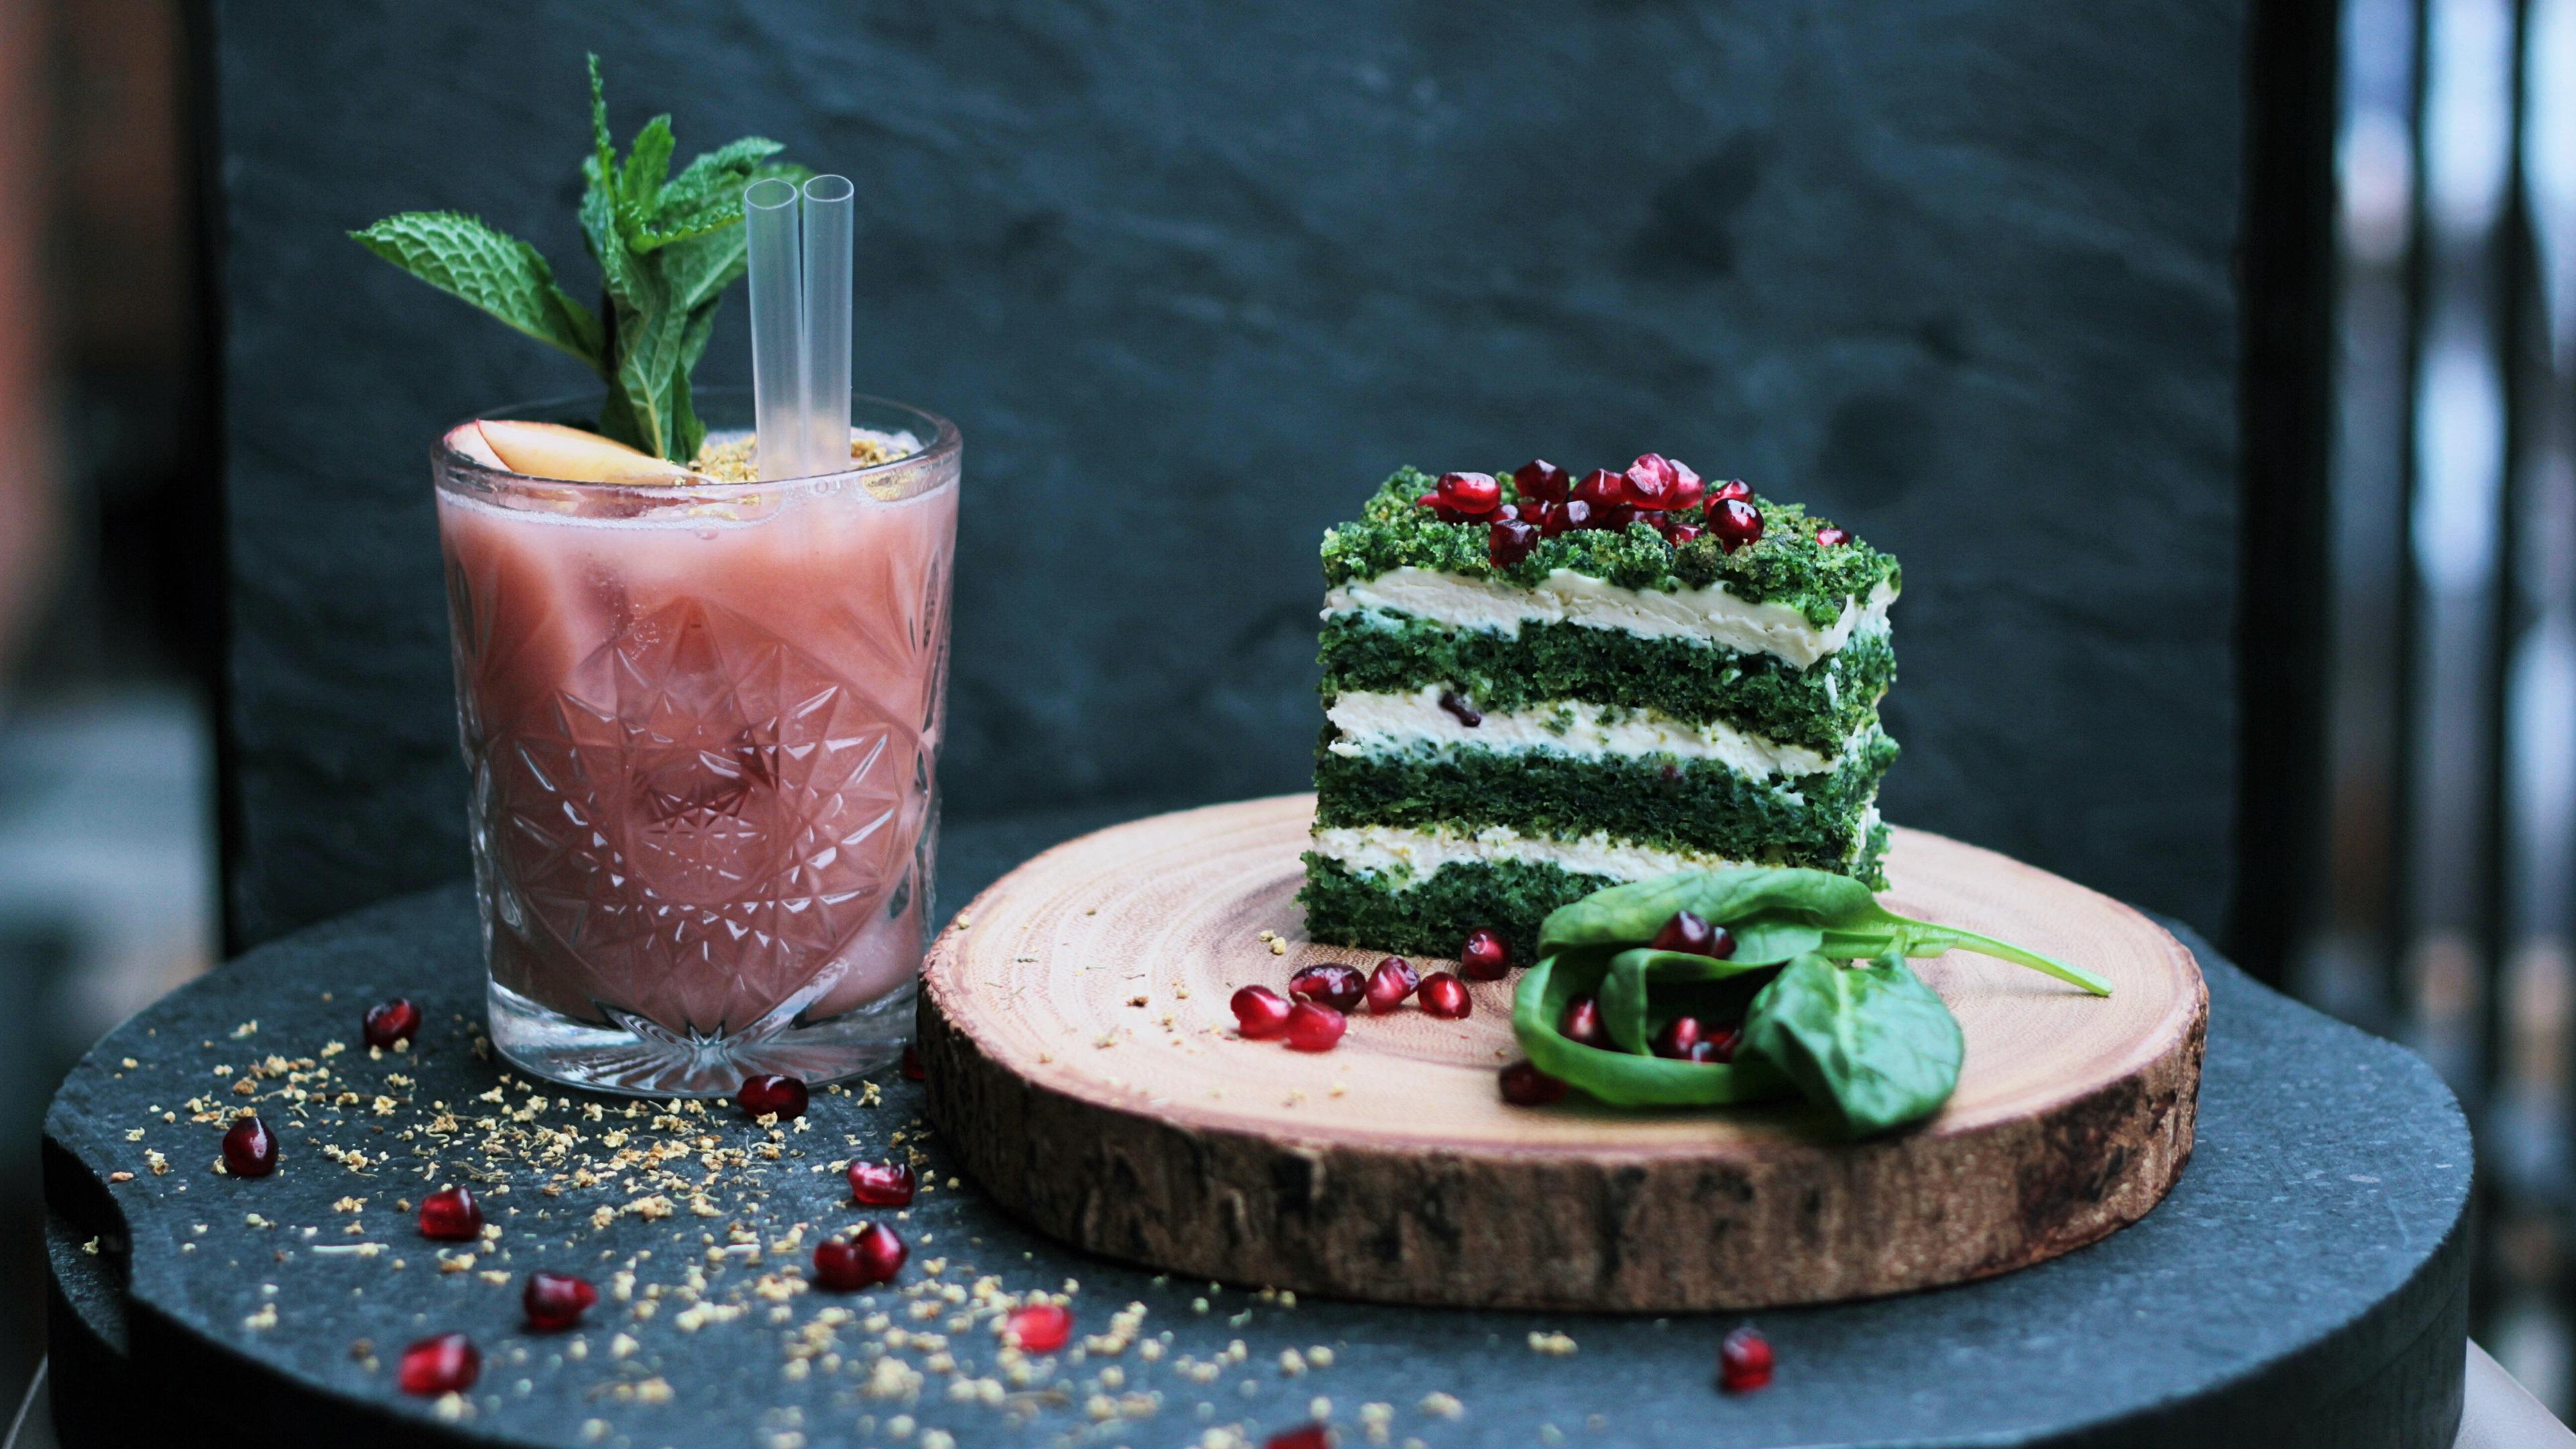 壁纸 甜品,蛋糕,饮料 3840x2160 Uhd 4k 高清壁纸 图片 照片